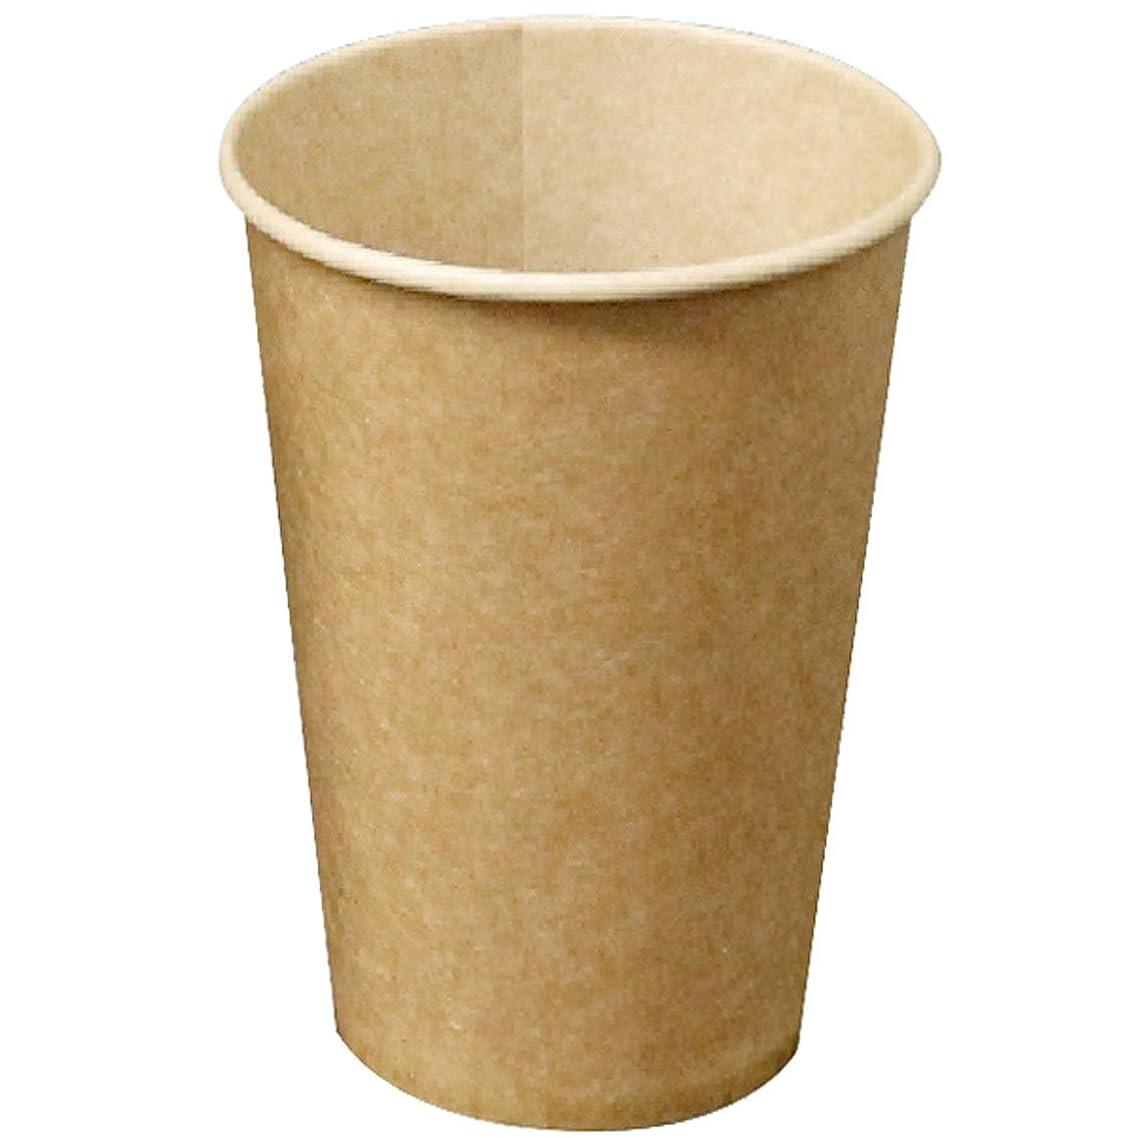 機転物語降下大黒工業 使い捨てカップ ブラウン 12オンス 360ml フレッシュメイト 50個 箱入 6403463